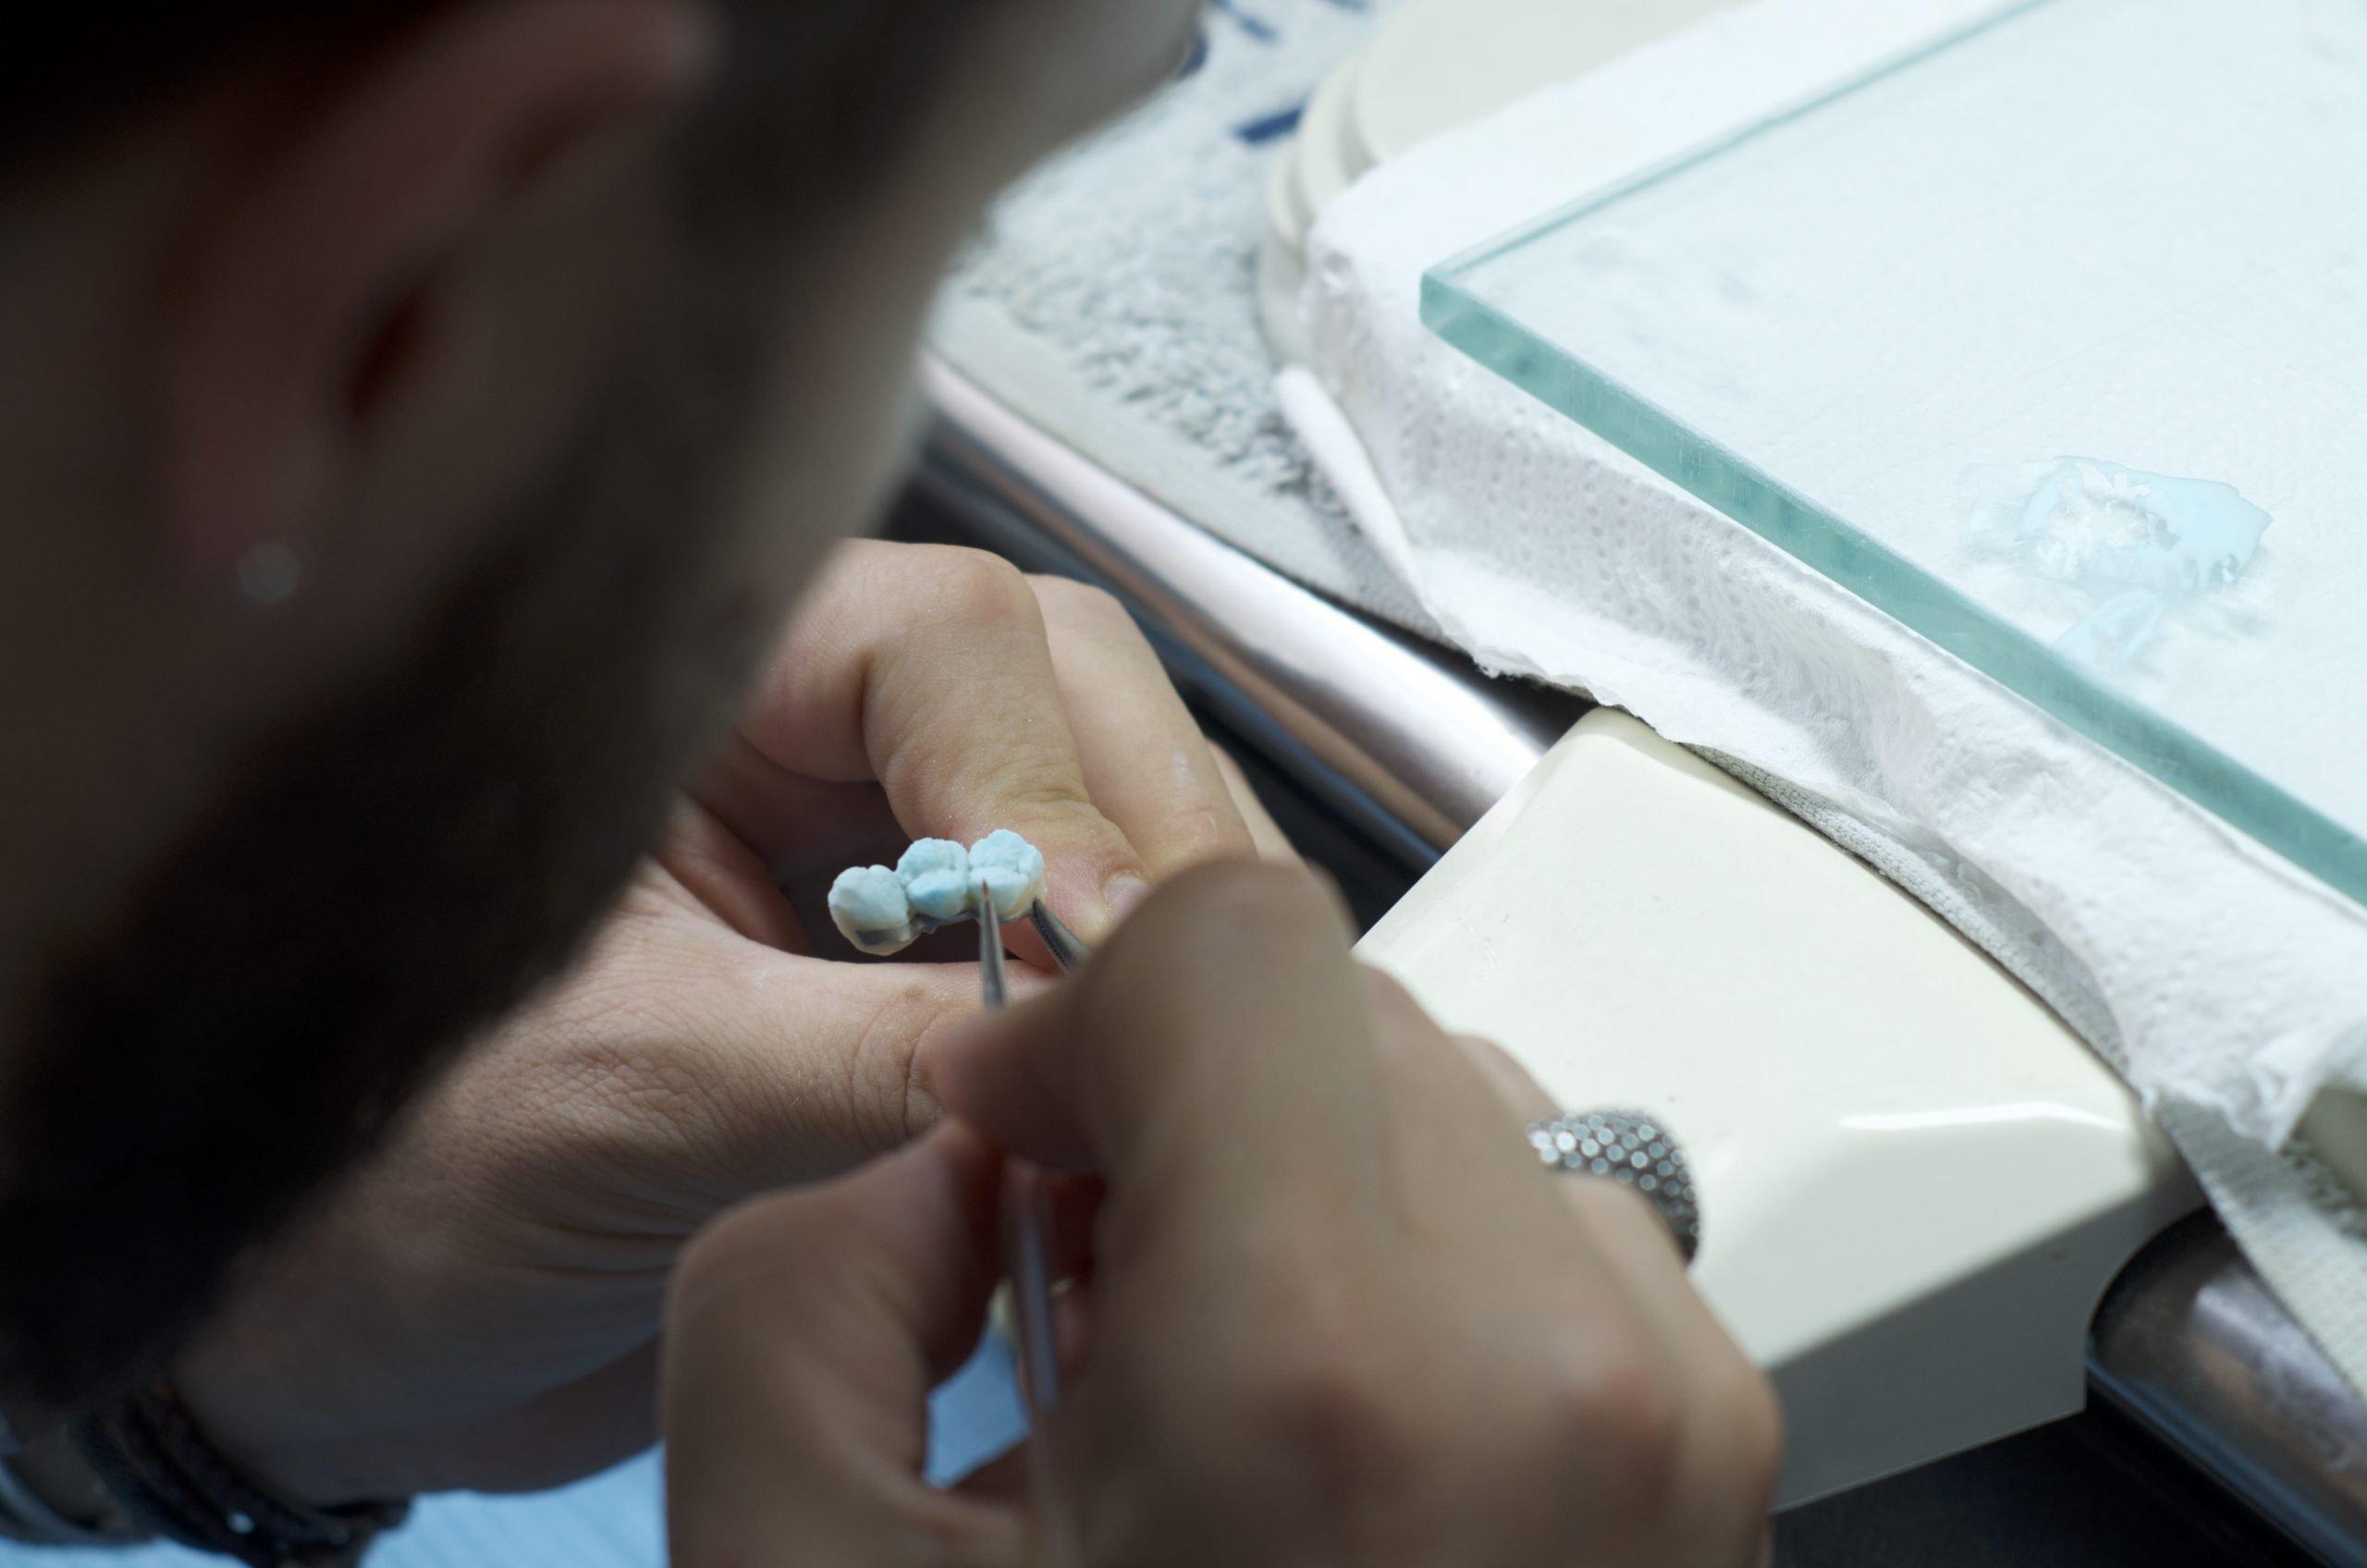 odontotecnico reggio calabria dental house